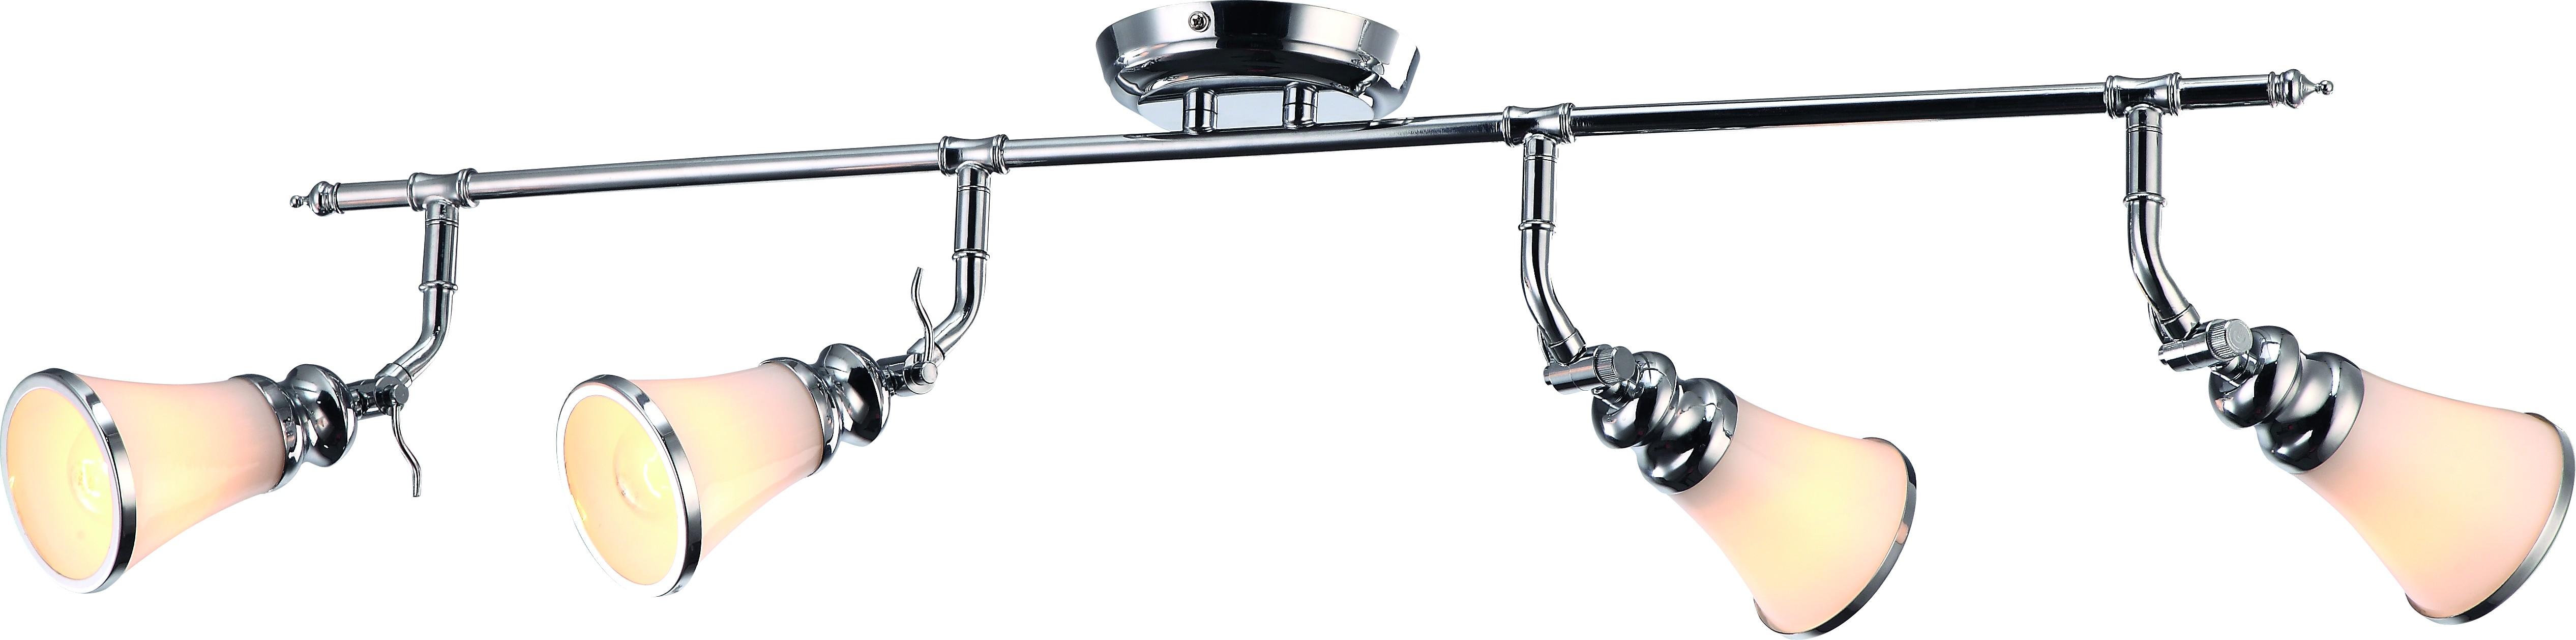 все цены на Спот Arte lamp A9231pl-4cc онлайн